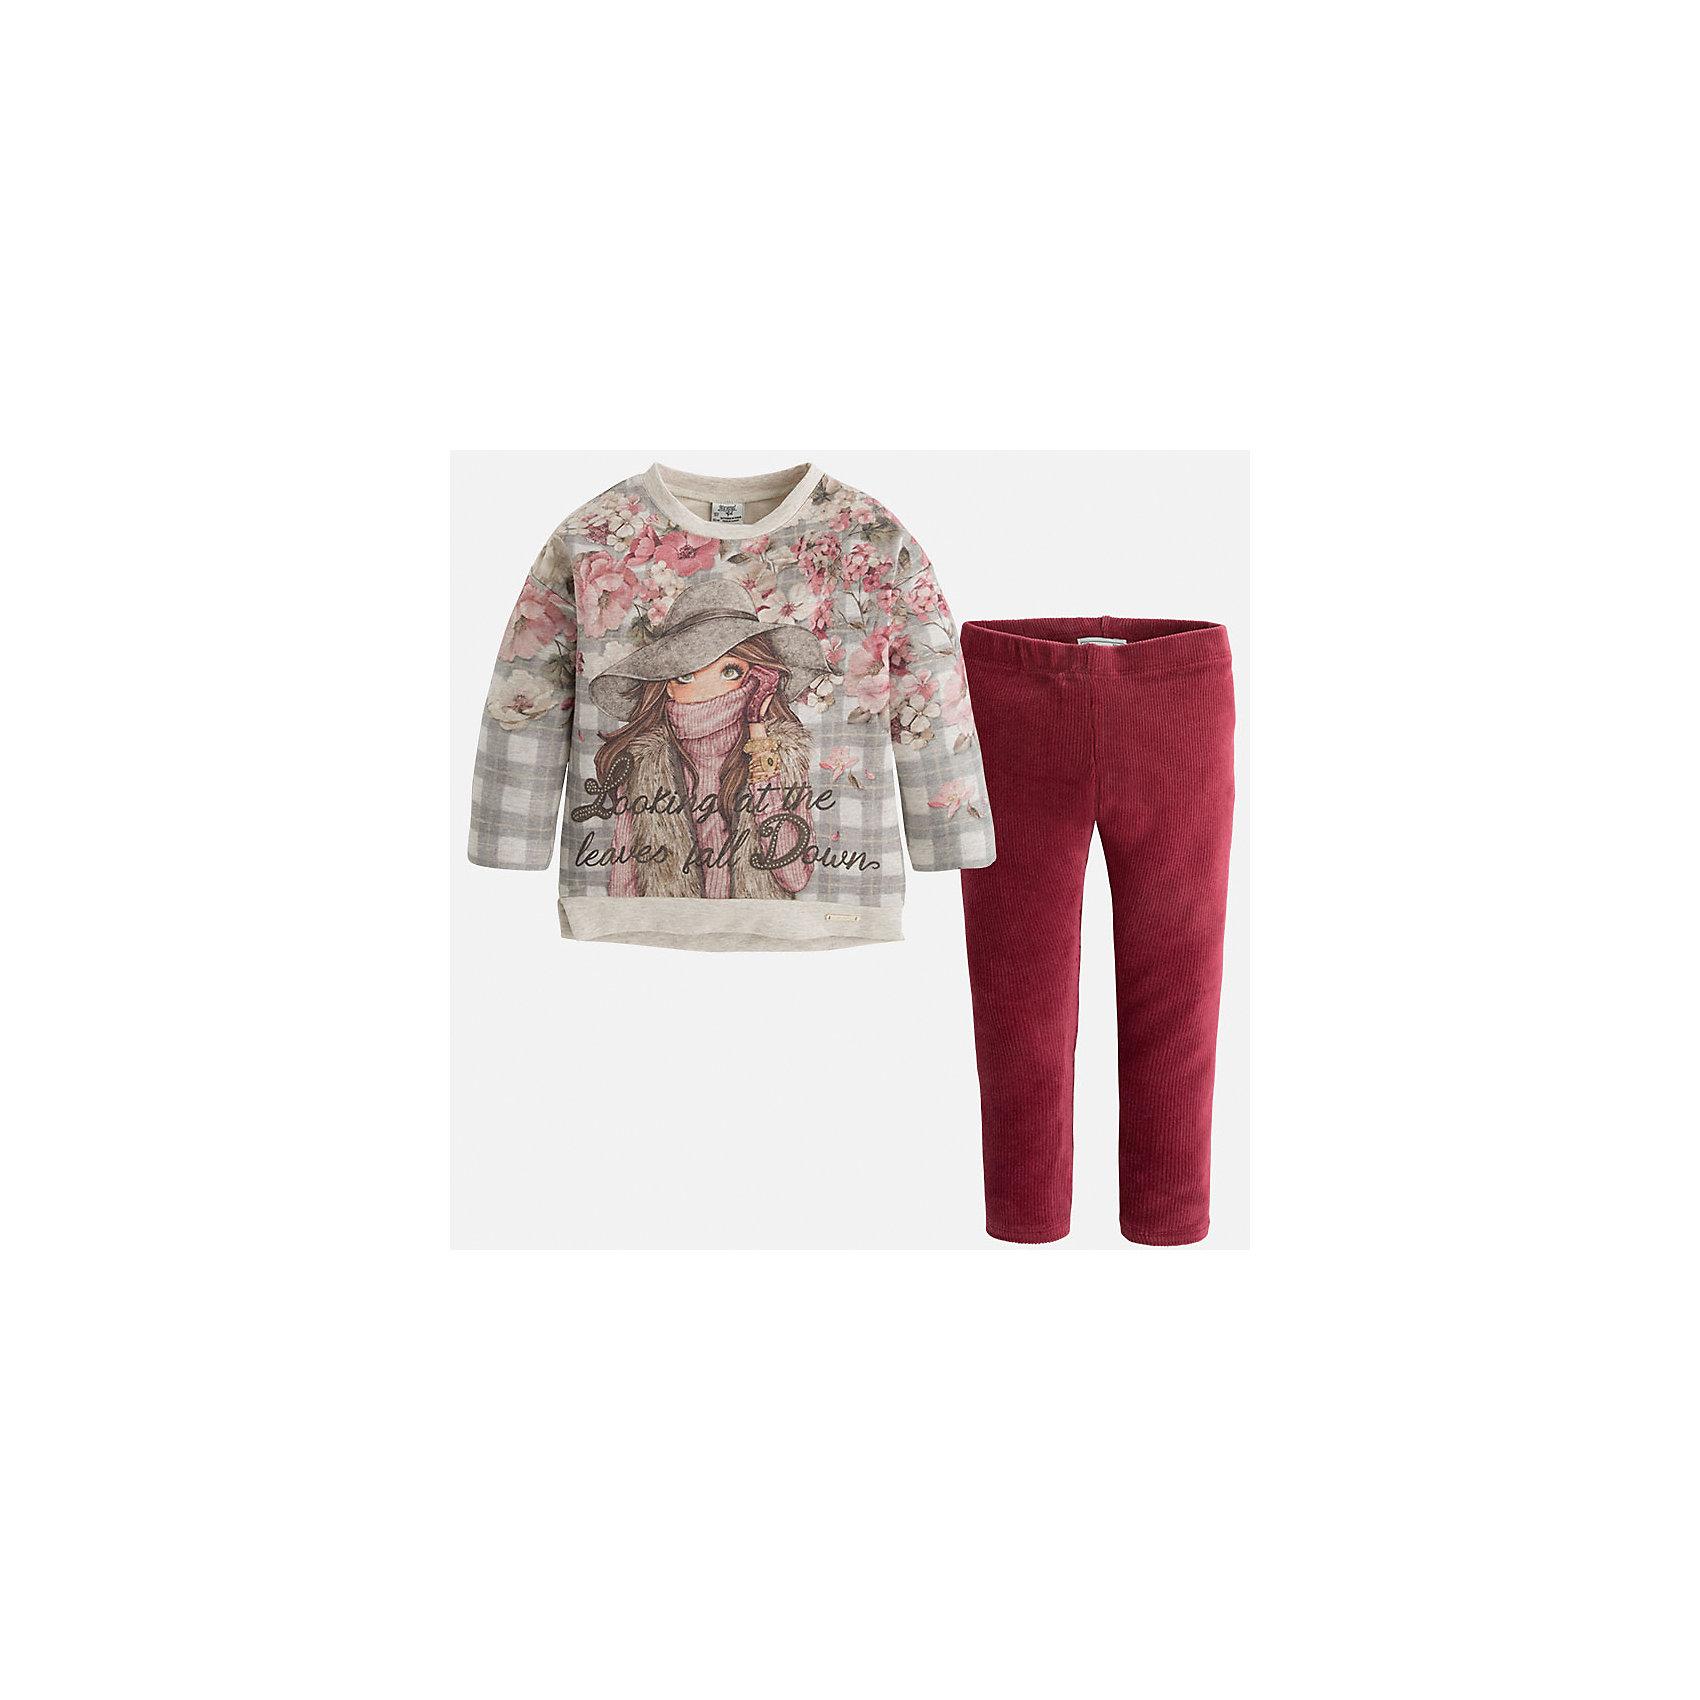 Комплект: футболка и леггинсы для девочки MayoralСтильный комплект для девочки от Mayoral состоит из футболки с длинным рукавом и леггинсов. Футболка комбинированной расцветки оформлена оригинальным принтом с металлическими бусинками. Леггинсы на поясе с резинкой отлично облегают фигуру и не сковывают движения. Комплект выполнен из приятного на ощупь трикотажного материала. <br><br>Дополнительная информация:<br><br>- Мягкий трикотажный материал. <br>- Комплектация: леггинсы, футболка. <br>- Округлый вырез горловины. <br>- Оригинальный принт спереди. <br>- Леггинсы контрастной расцветки на поясе с резинкой. <br>Состав:<br>57% хлопок, 38% полиэстер, 5% эластан. <br><br>Комплект: футболку и леггинсы для девочки Mayoral (Майорал), серый/бордовый, можно купить в нашем магазине.<br><br>Ширина мм: 123<br>Глубина мм: 10<br>Высота мм: 149<br>Вес г: 209<br>Цвет: розовый<br>Возраст от месяцев: 96<br>Возраст до месяцев: 108<br>Пол: Женский<br>Возраст: Детский<br>Размер: 134,122,110,92,116,98,104,128<br>SKU: 4844916